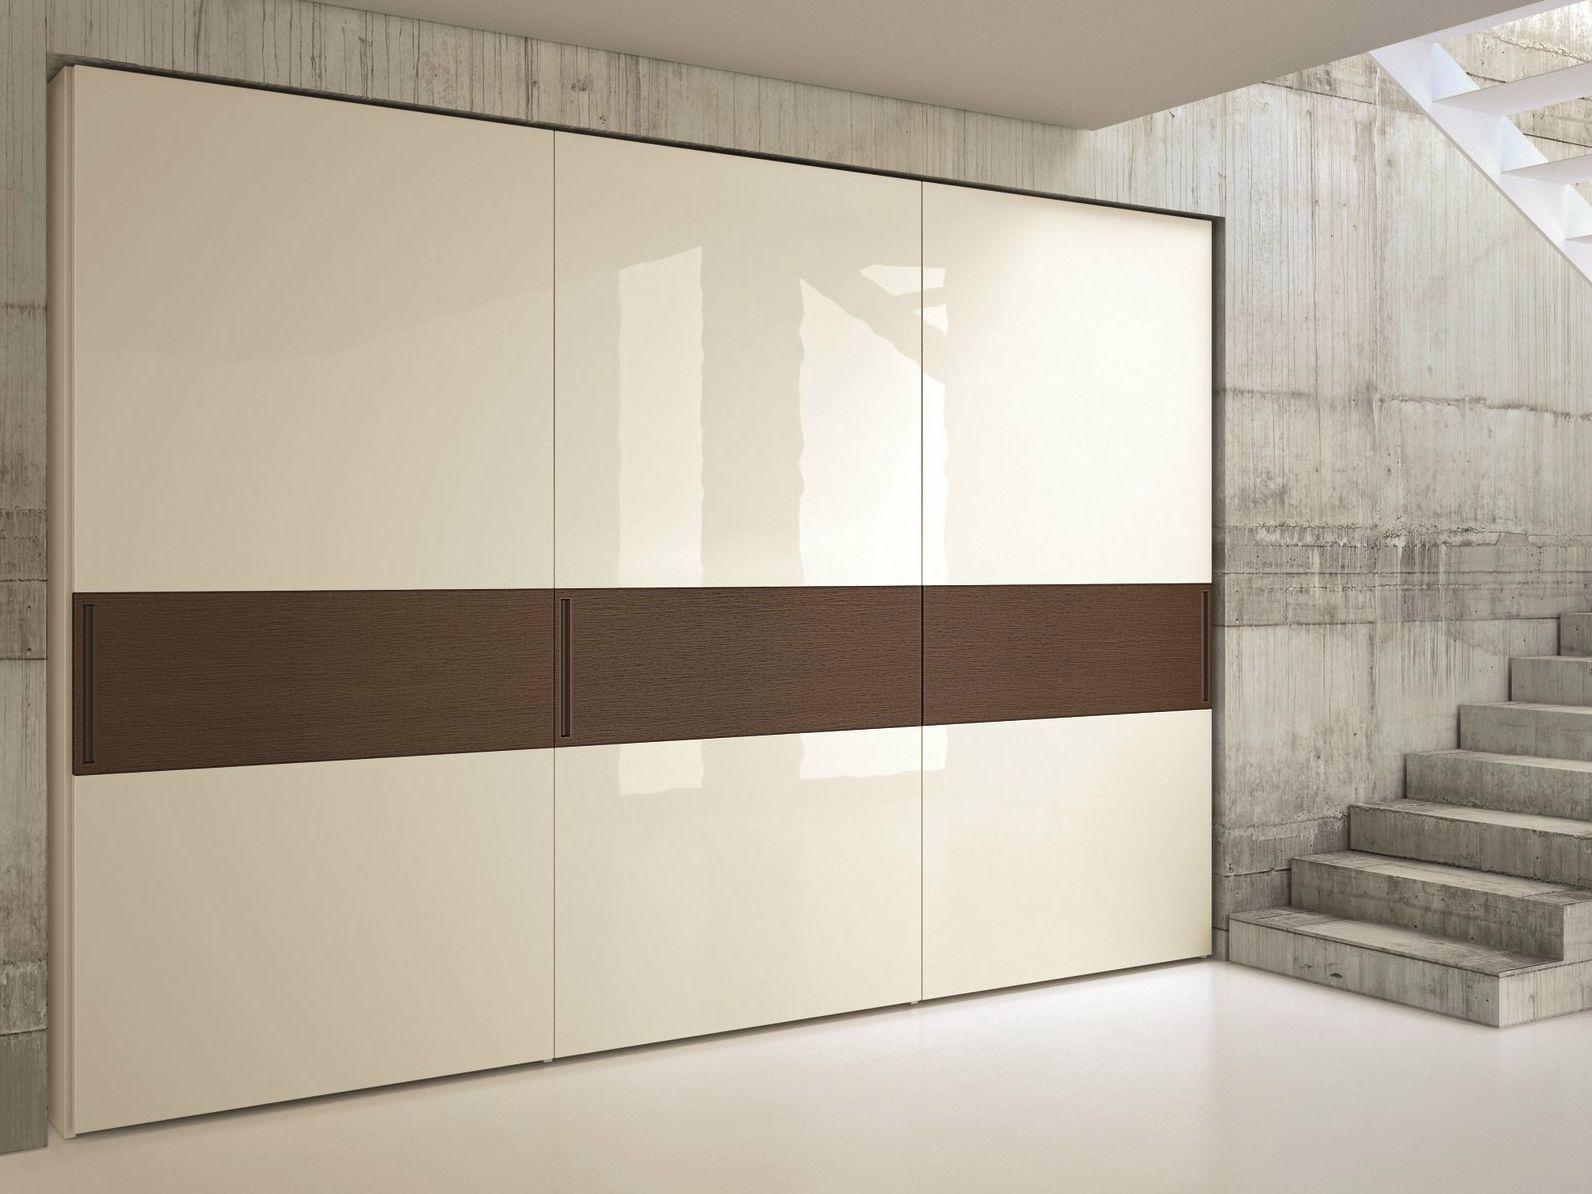 Armario empotrado lacado con puertas correderas emotion - Puertas correderas armario empotrado ...